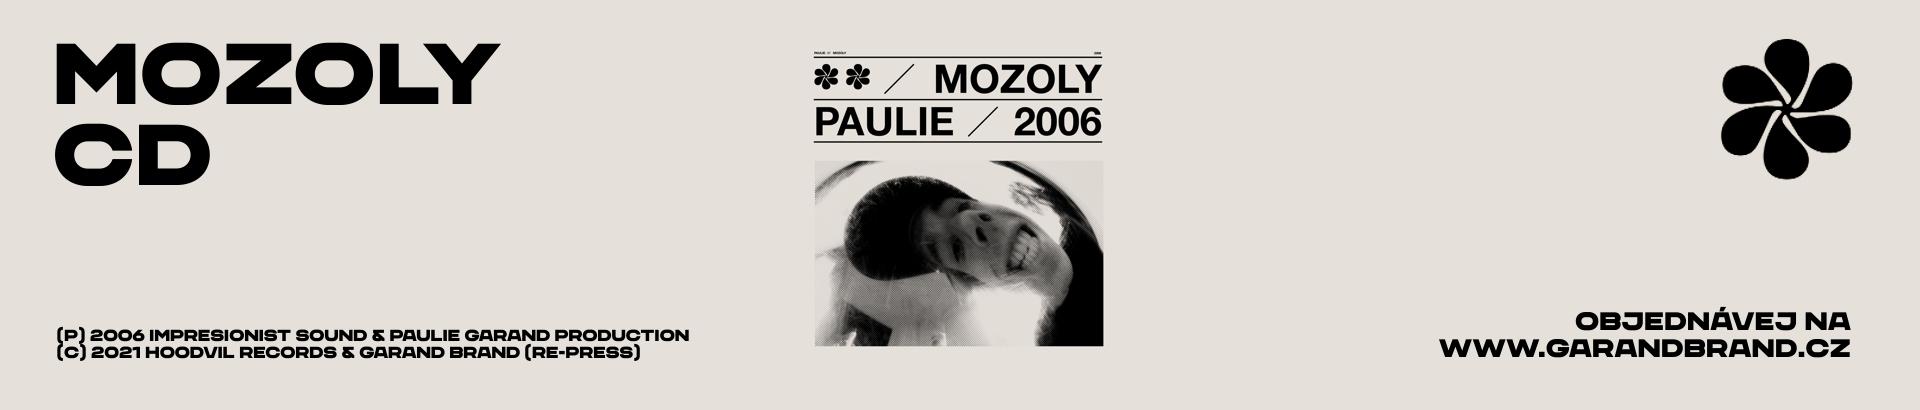 mozoly 1